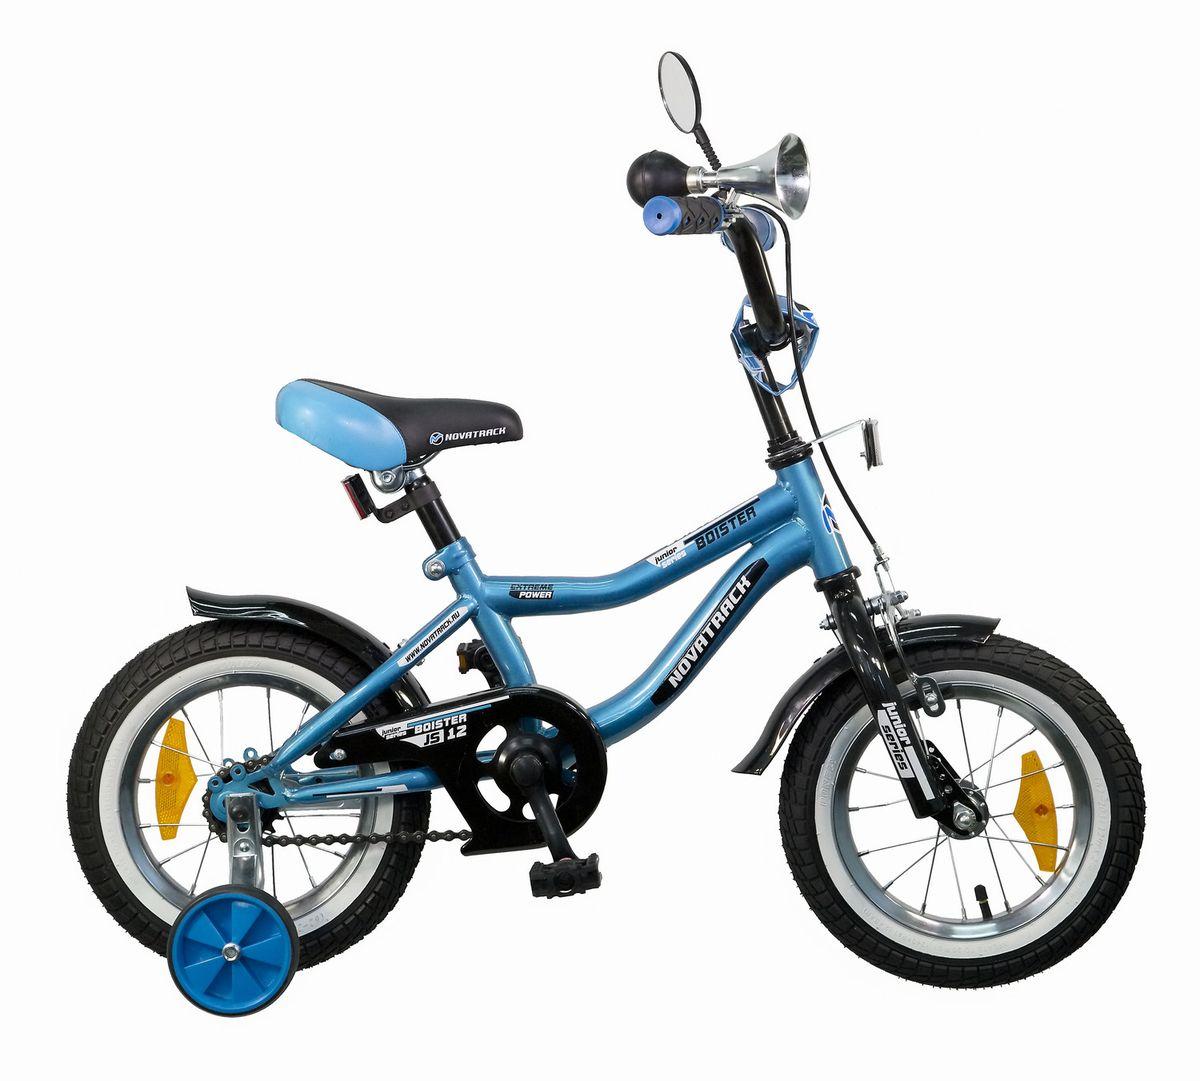 Велосипед детский Novatrack Boister, цвет: синий, черный, белый125BOISTER.BL5Велосипед Novatrack Boister - это настоящий хит среди мальчишек 2-4 лет. Во-первых, сиденье и руль регулируются по высоте, благодаря чему железный конь достаточно долго будет соответствовать росту своего седока. Во-вторых, на руле имеются мягкие накладки и зеркало заднего вида. В-третьих, велосипед оснащен солидным гудком под ретро, а это уже не какой-то банальный велосипедный звонок! В-четвертых, крылья - стильные, укороченные, со слегка загнутой вверх задней частью. Помимо внешних достоинств и функциональности эту модель отличает безупречная сборка, поскольку нагрузки и испытания велосипеду предстоят нешуточные. По той же причине все узлы и детали модели отличаются повышенной прочностью и надежностью. Безопасность юного велосипедиста обеспечивают сразу два вида тормозов: ручной передний и ножной задний. Ноги и одежда защищены от контакта с цепью специальной накладкой. От падения на слишком крутых виражах предохраняет пара дополнительных съемных колес. Велосипед Novatrack Boister - это отличный способ дать вашему ребенку возможность чаще бывать на свежем воздухе, много двигаясь с пользой для здоровья.